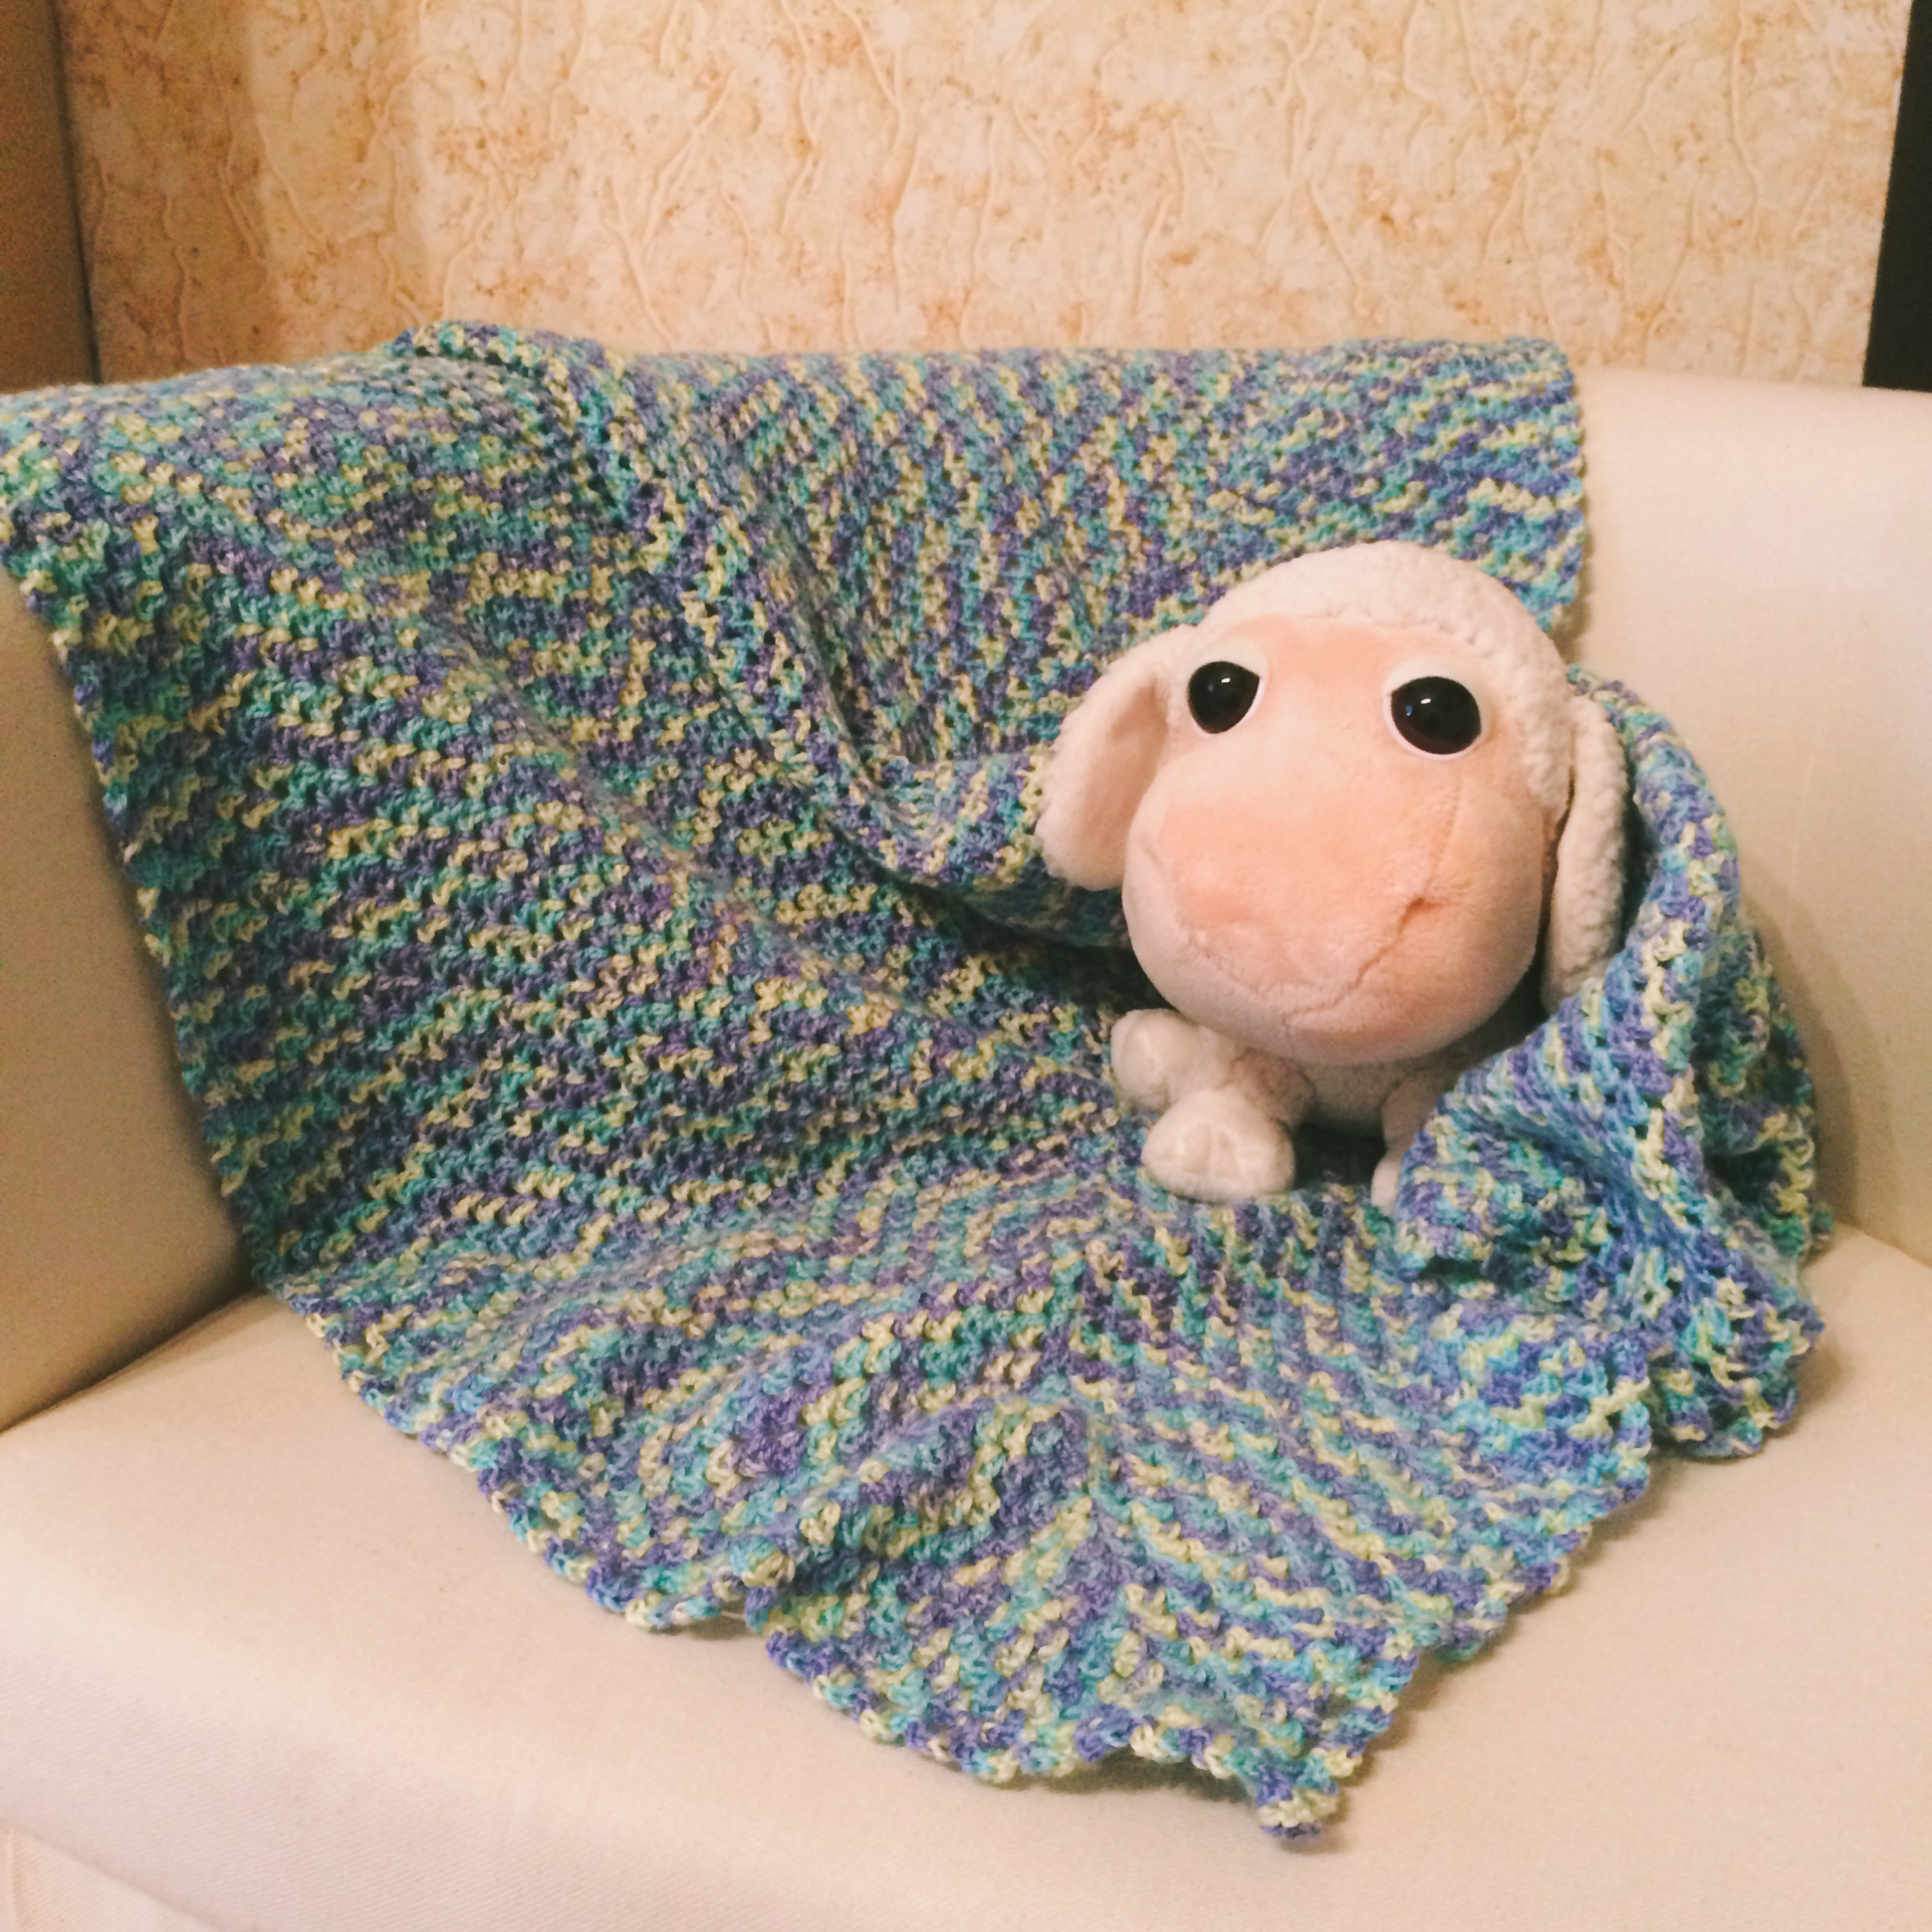 новорождённому полушерсть вкроватку коляску девочке мальчику акрил унисекс вязаный в ручнаяработа детский плед шерсть подарок